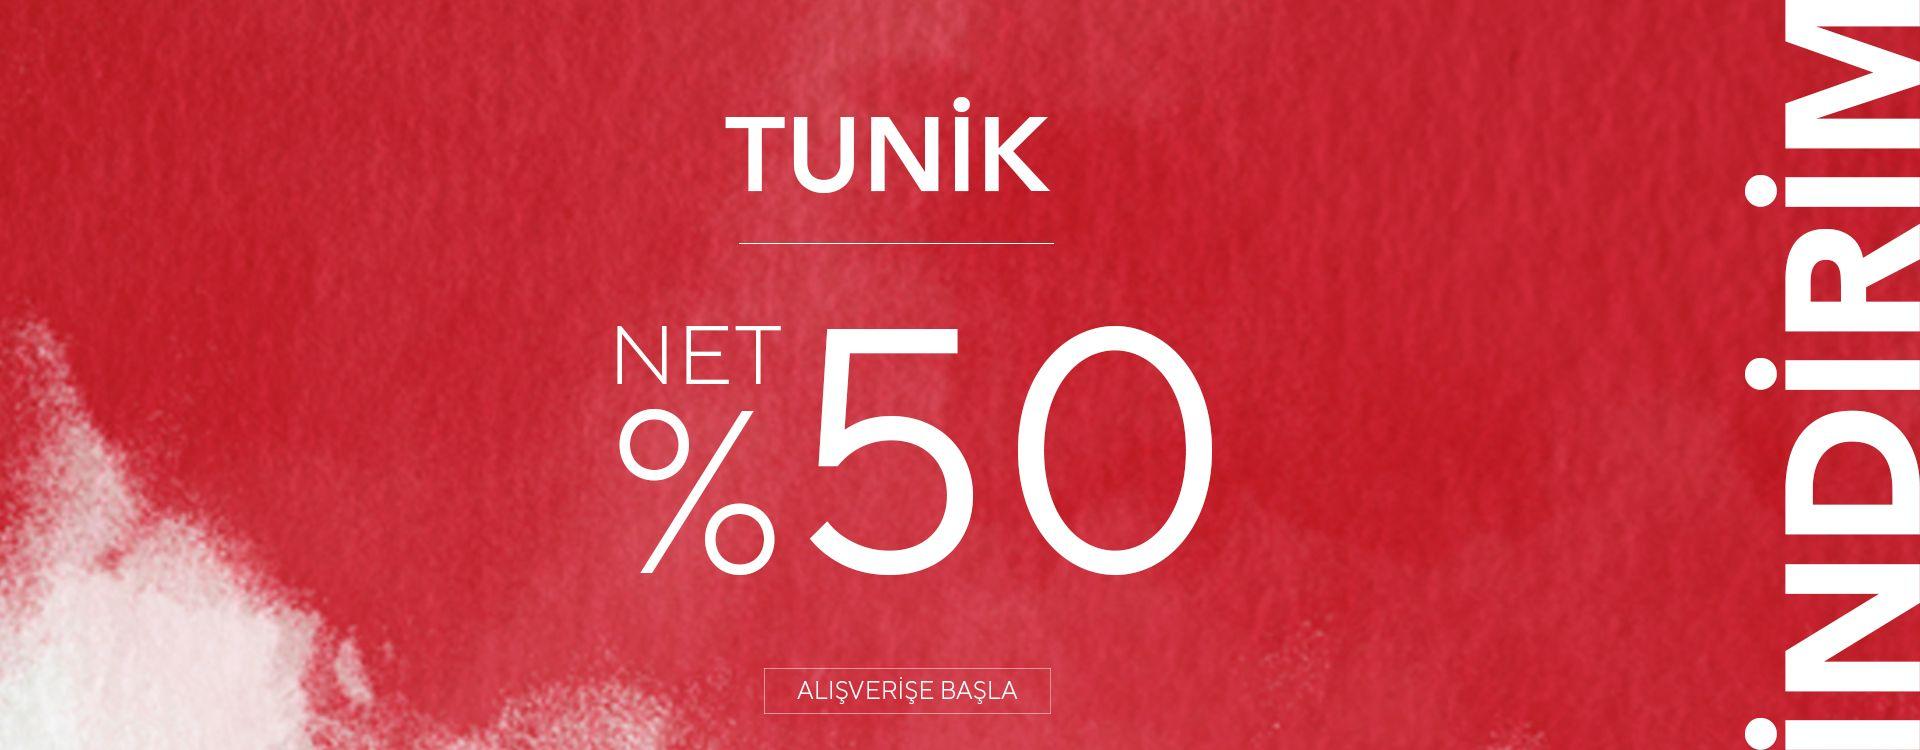 Tuniklerde %50 İndirim